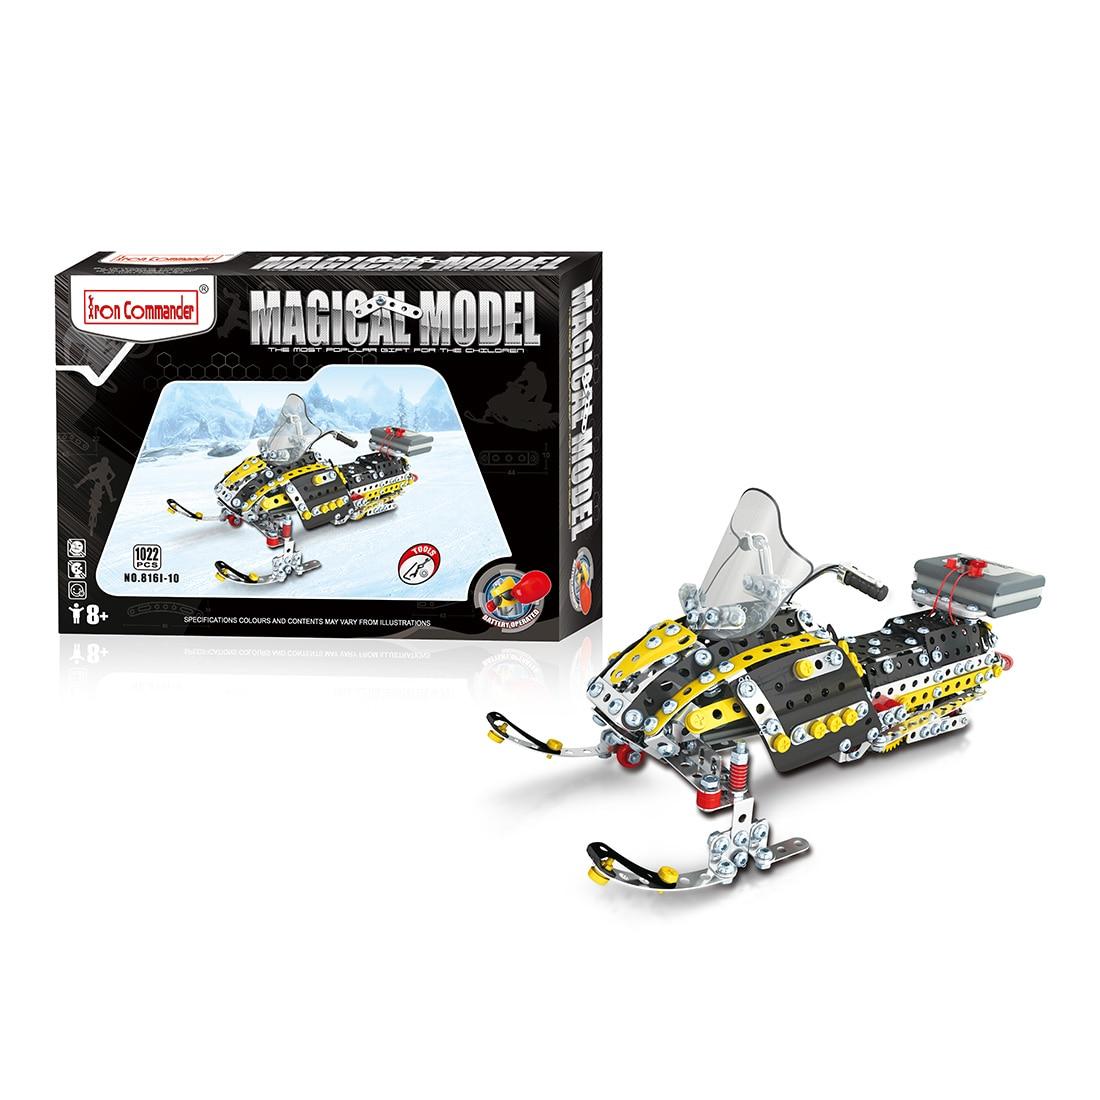 Blocs de Construction d'assemblage en métal de forme de motoneige bricolage Kits d'ingénierie de Construction de jouet de tige de vapeur